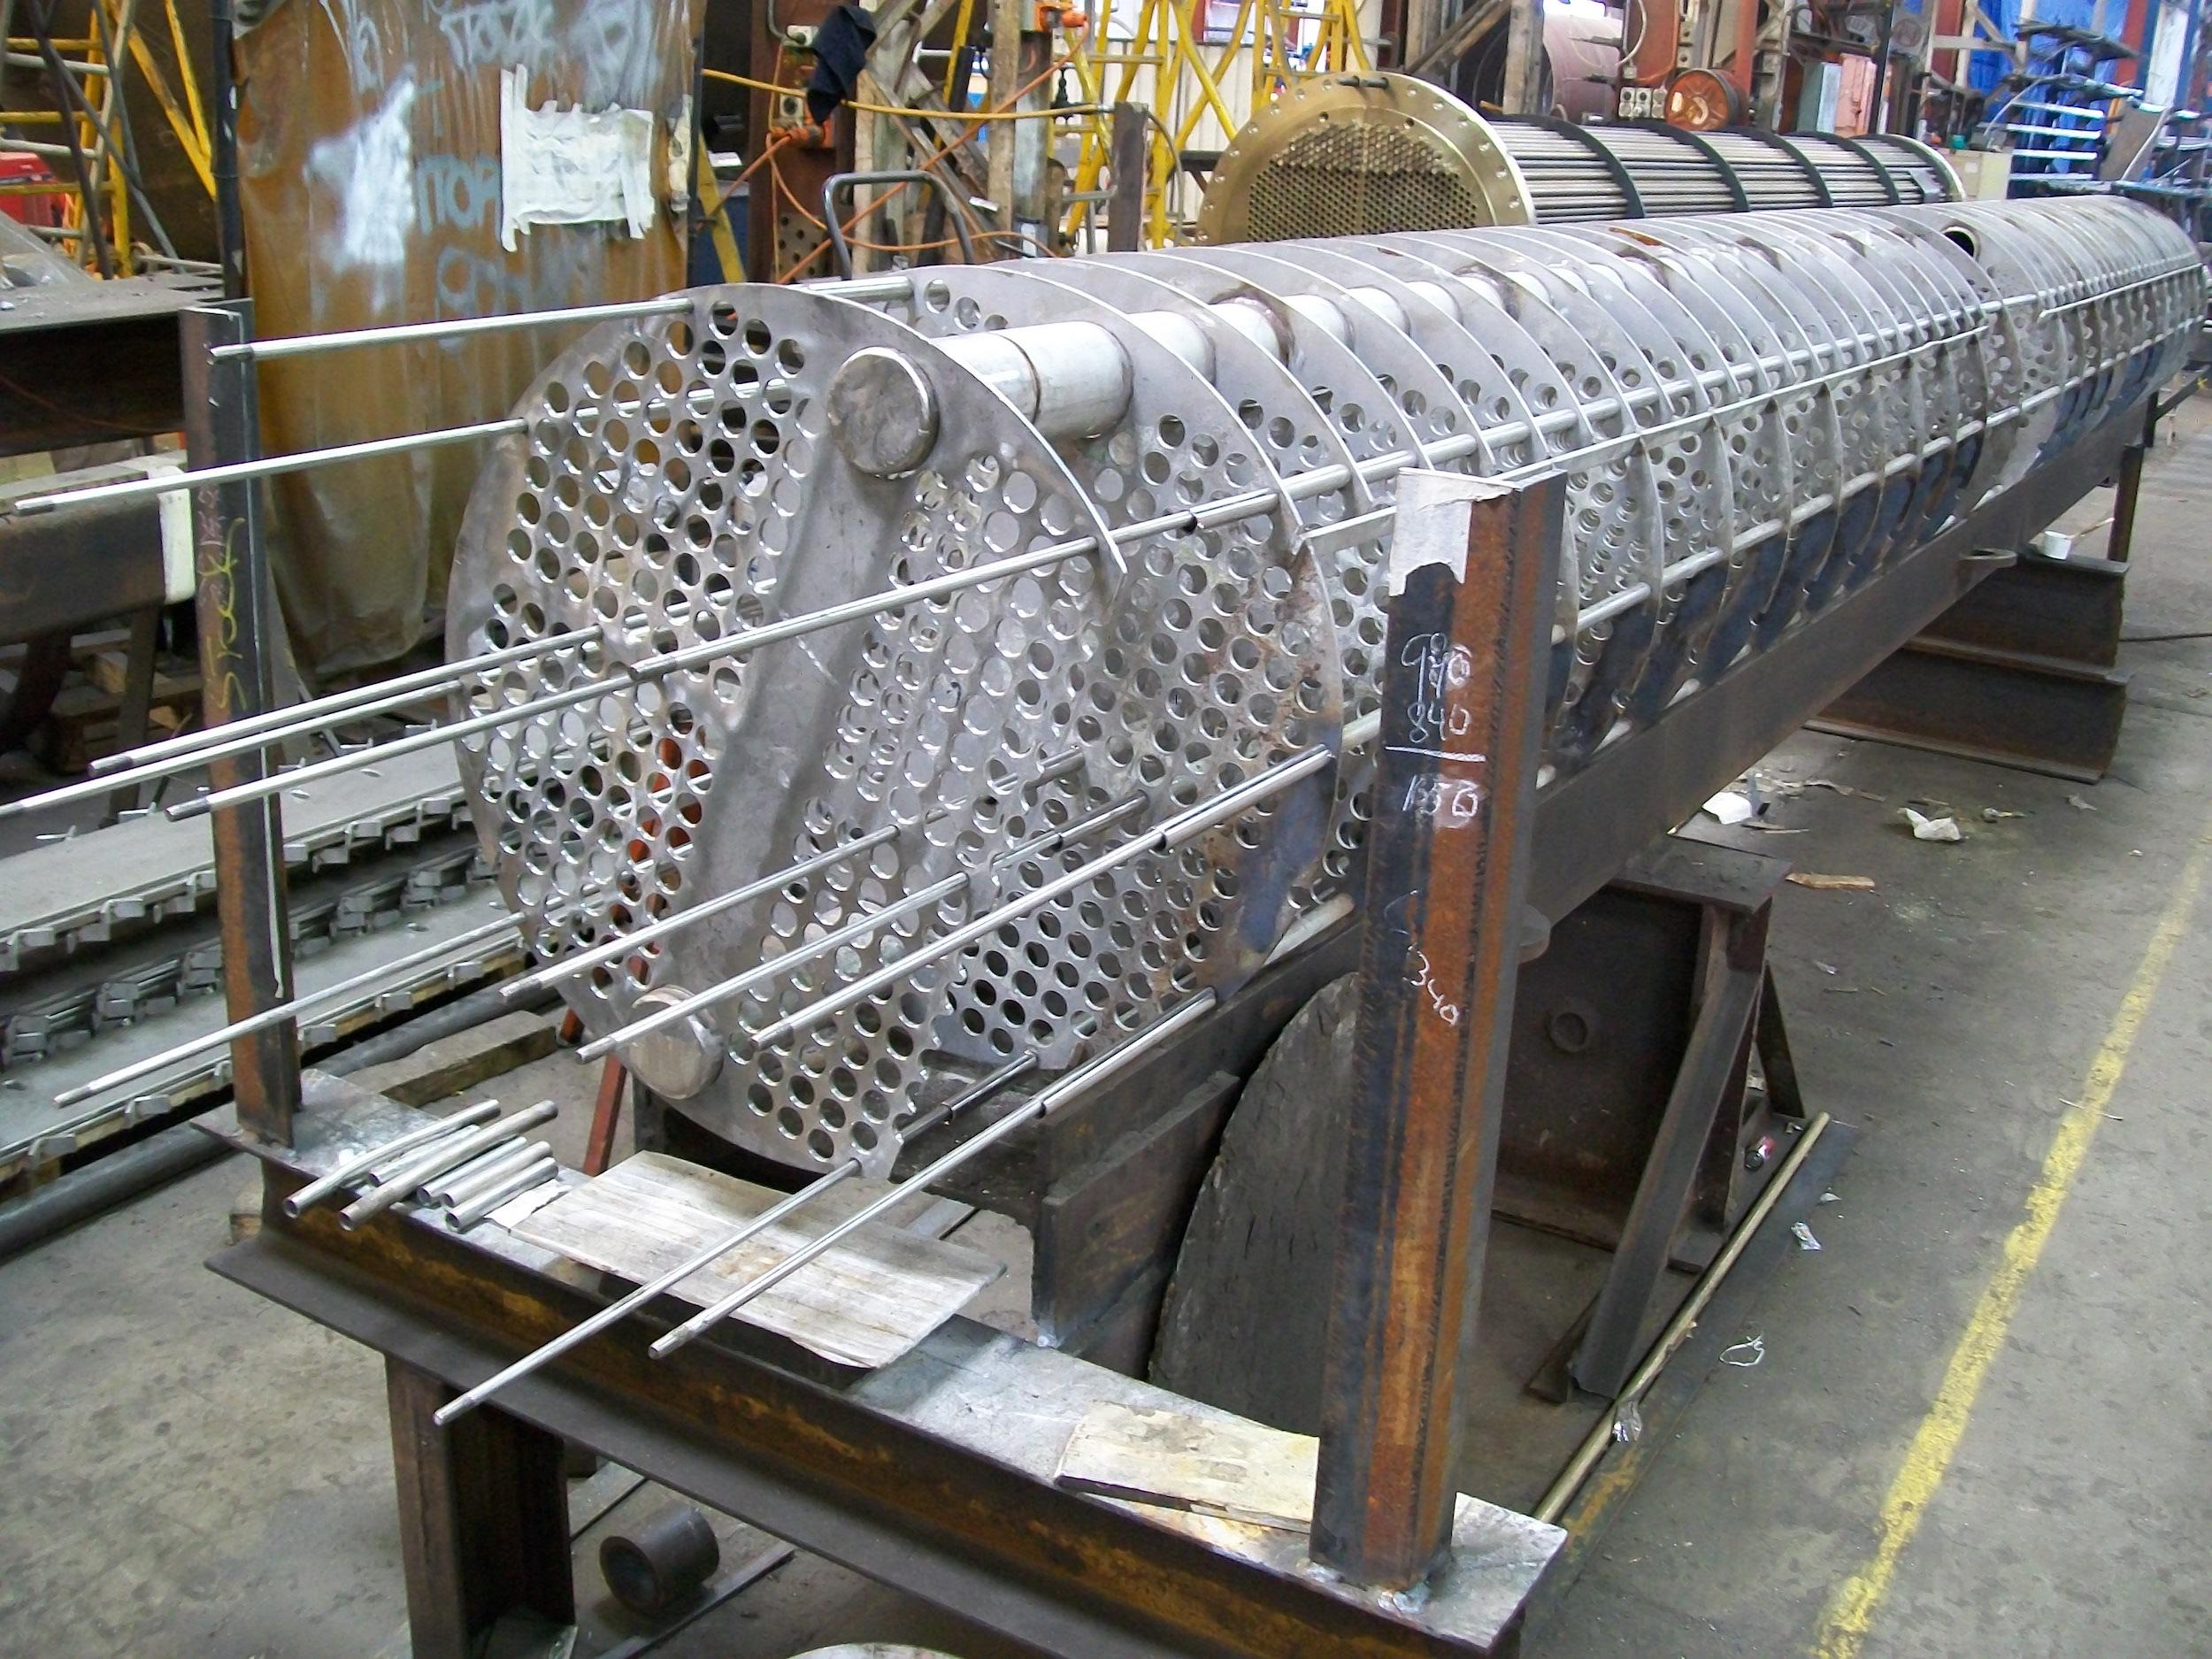 LA2620 - Qld Nickel, Re-tube - 3, Re-building cage (2010-09-10)